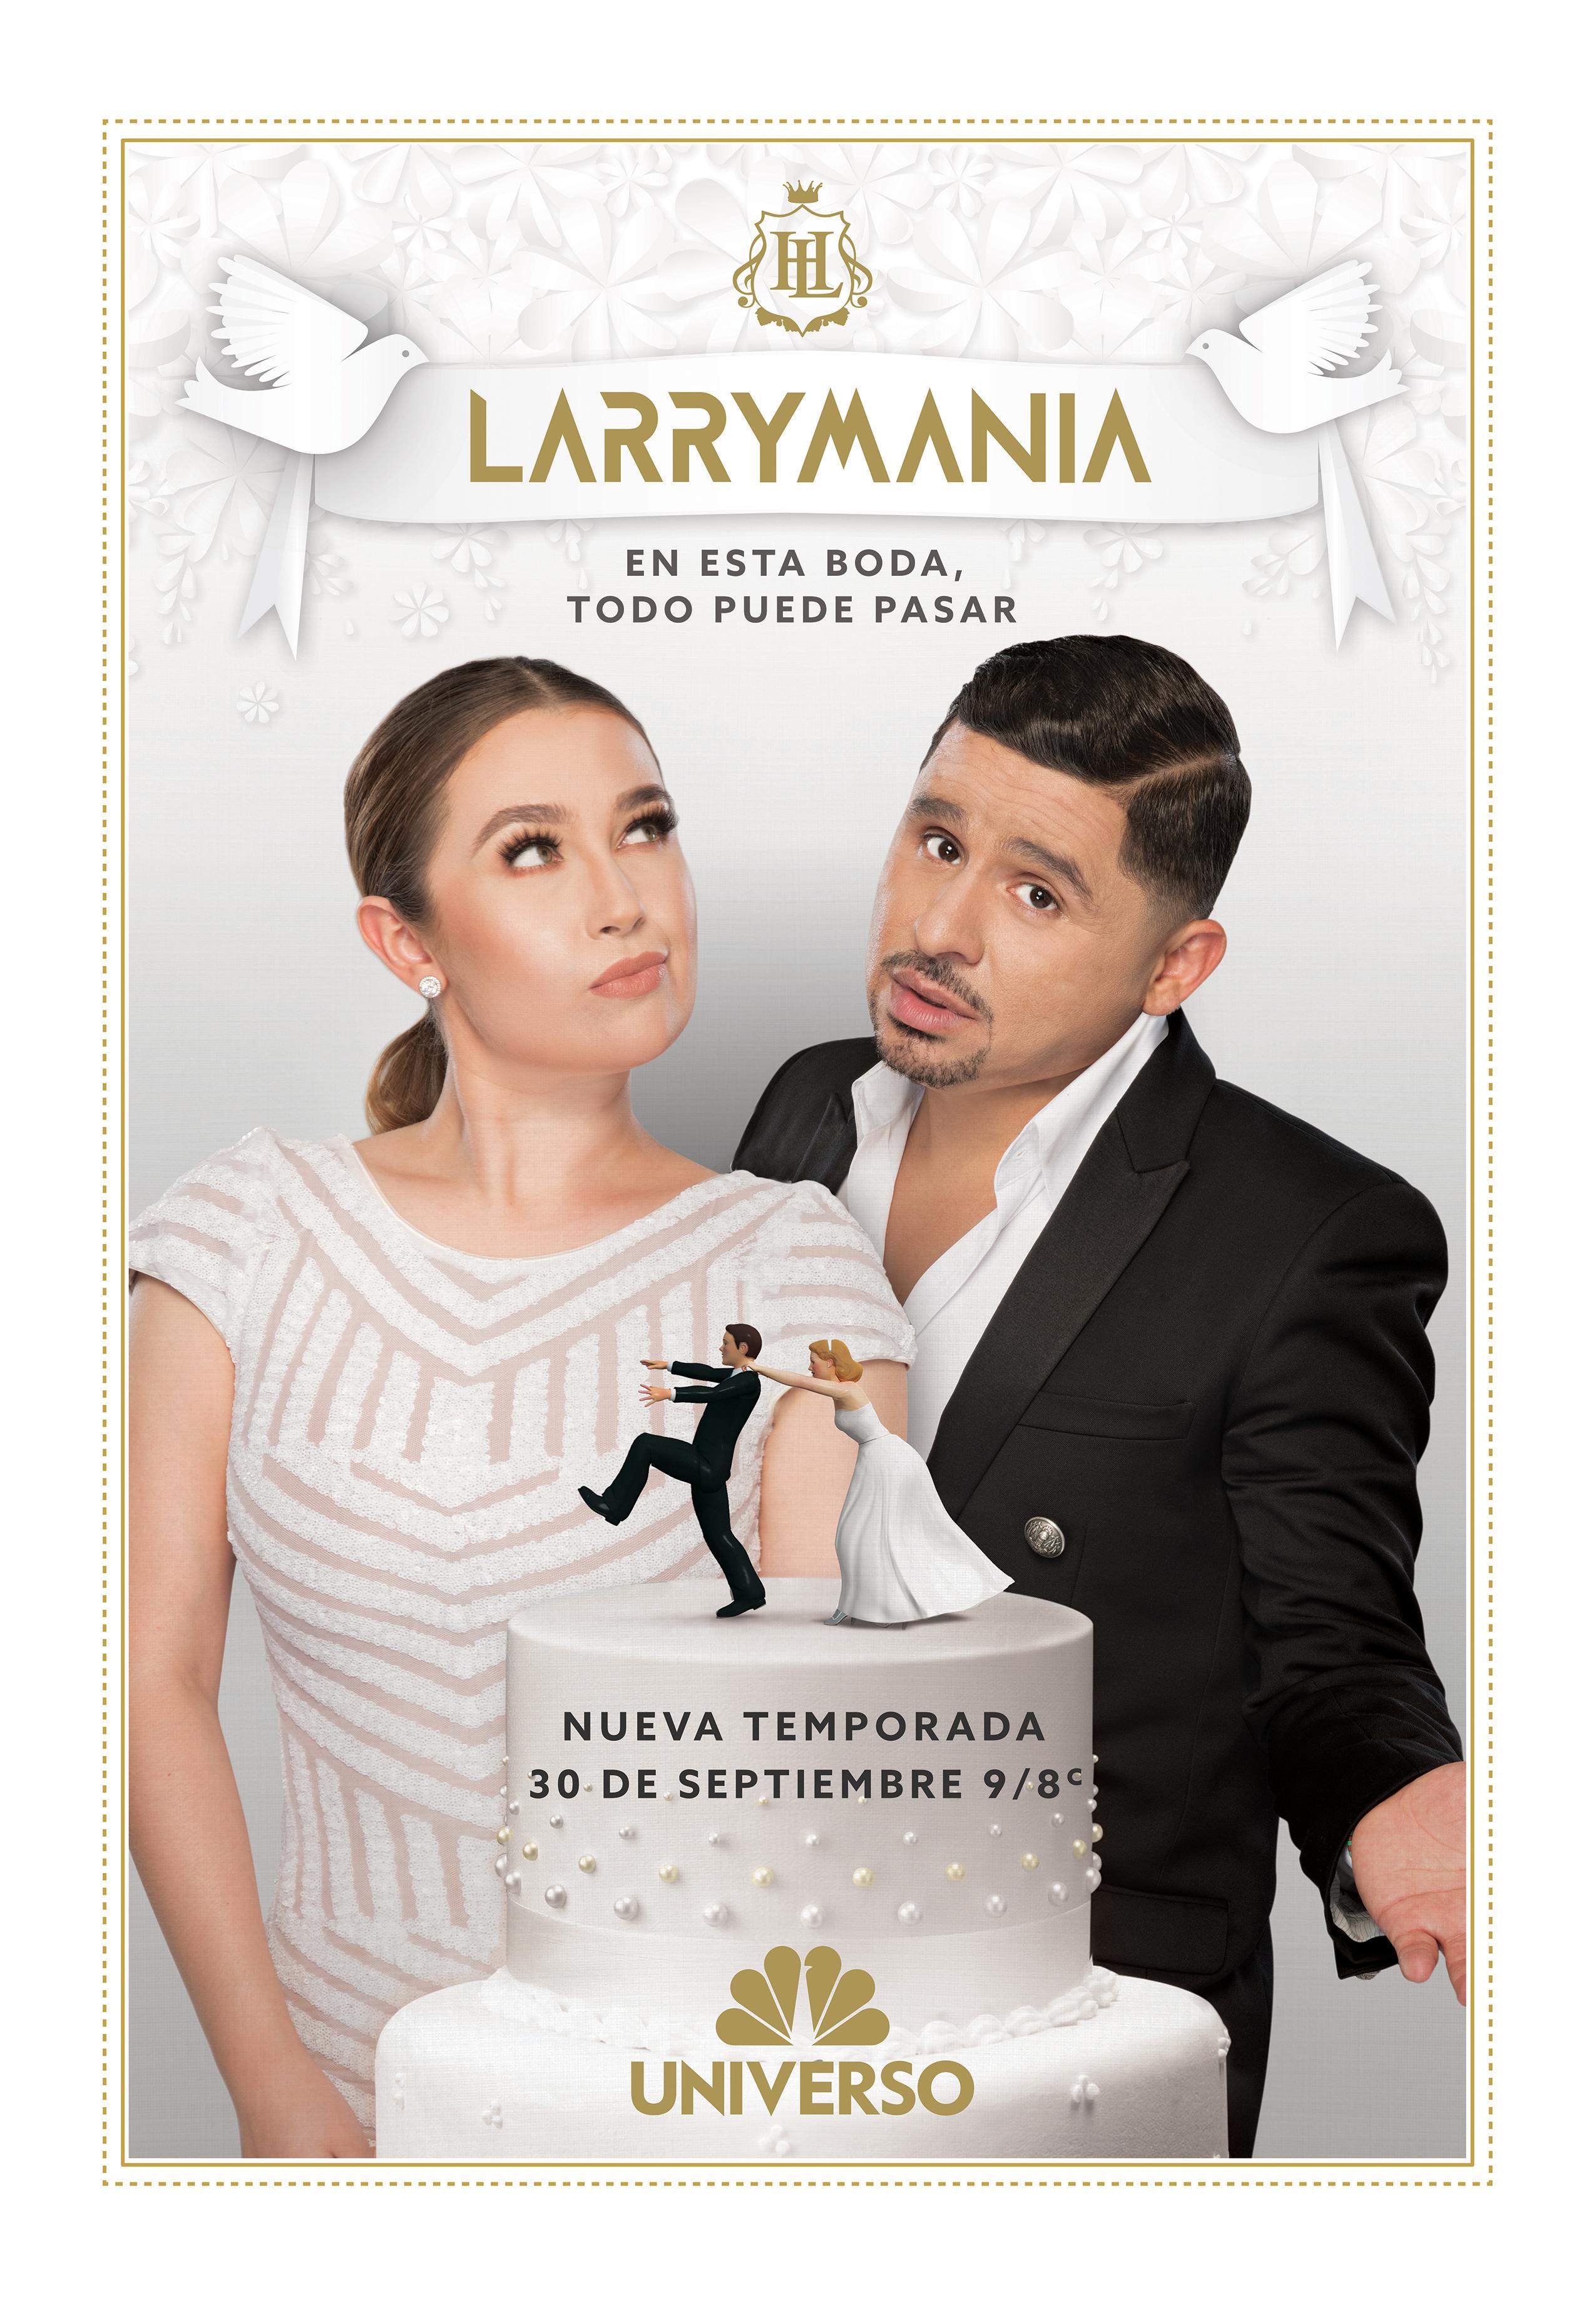 Larrymania Temporada 7:¿A qué hora? ¿Qué canal? Live Stream, Internet, Online, Larry Hernández, Kenia Ontiveros